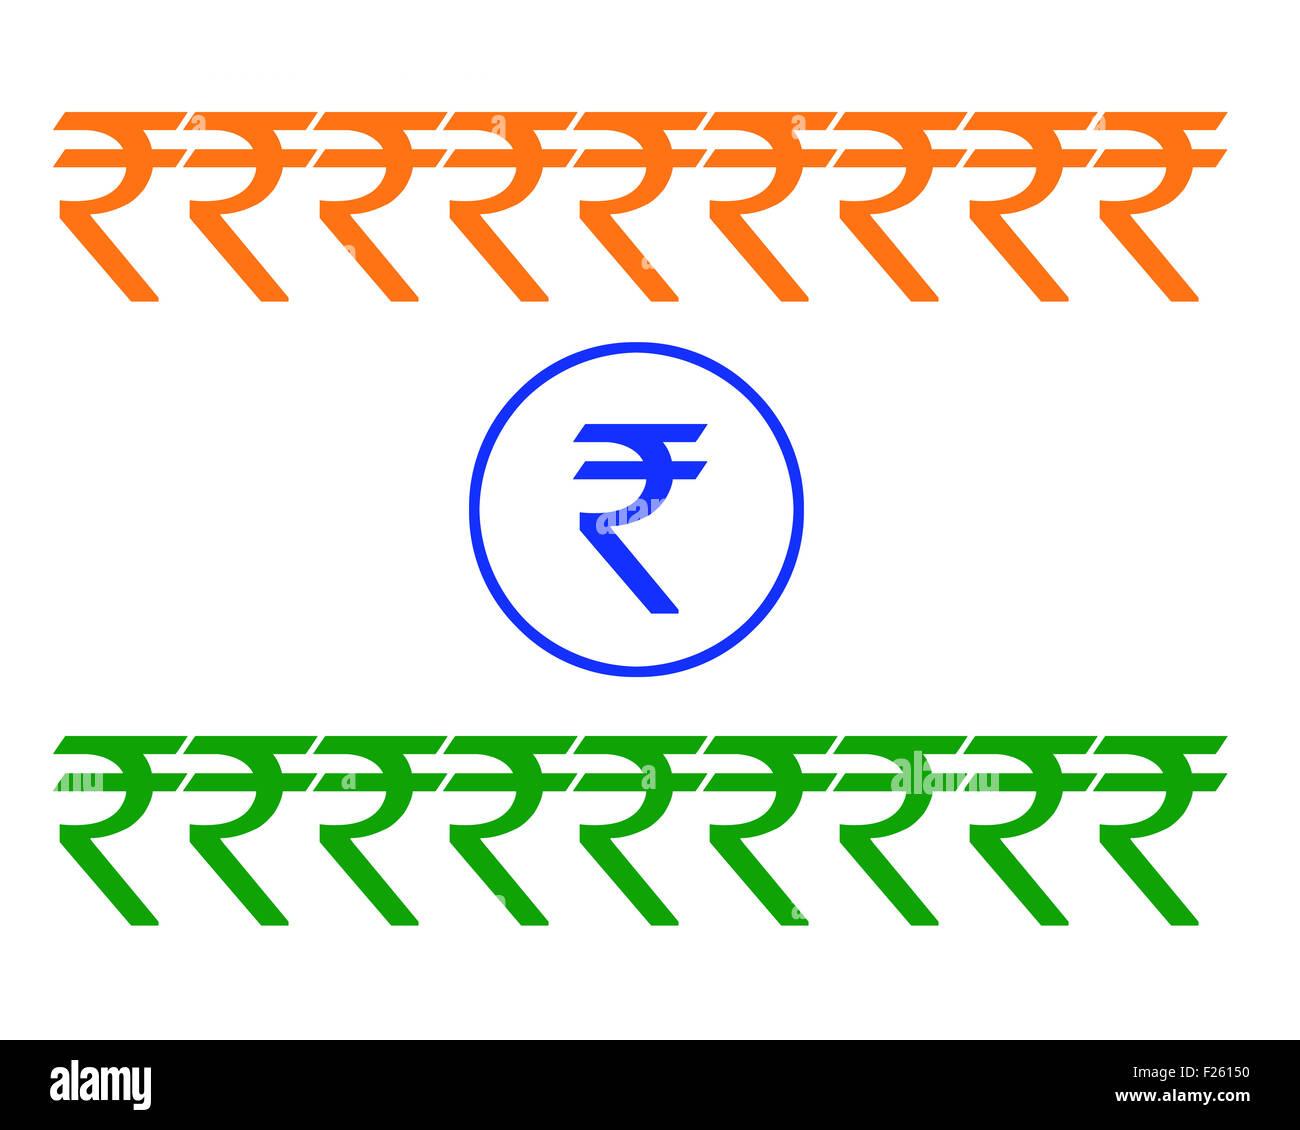 Indian Rupee Symbol Stock Photos Indian Rupee Symbol Stock Images